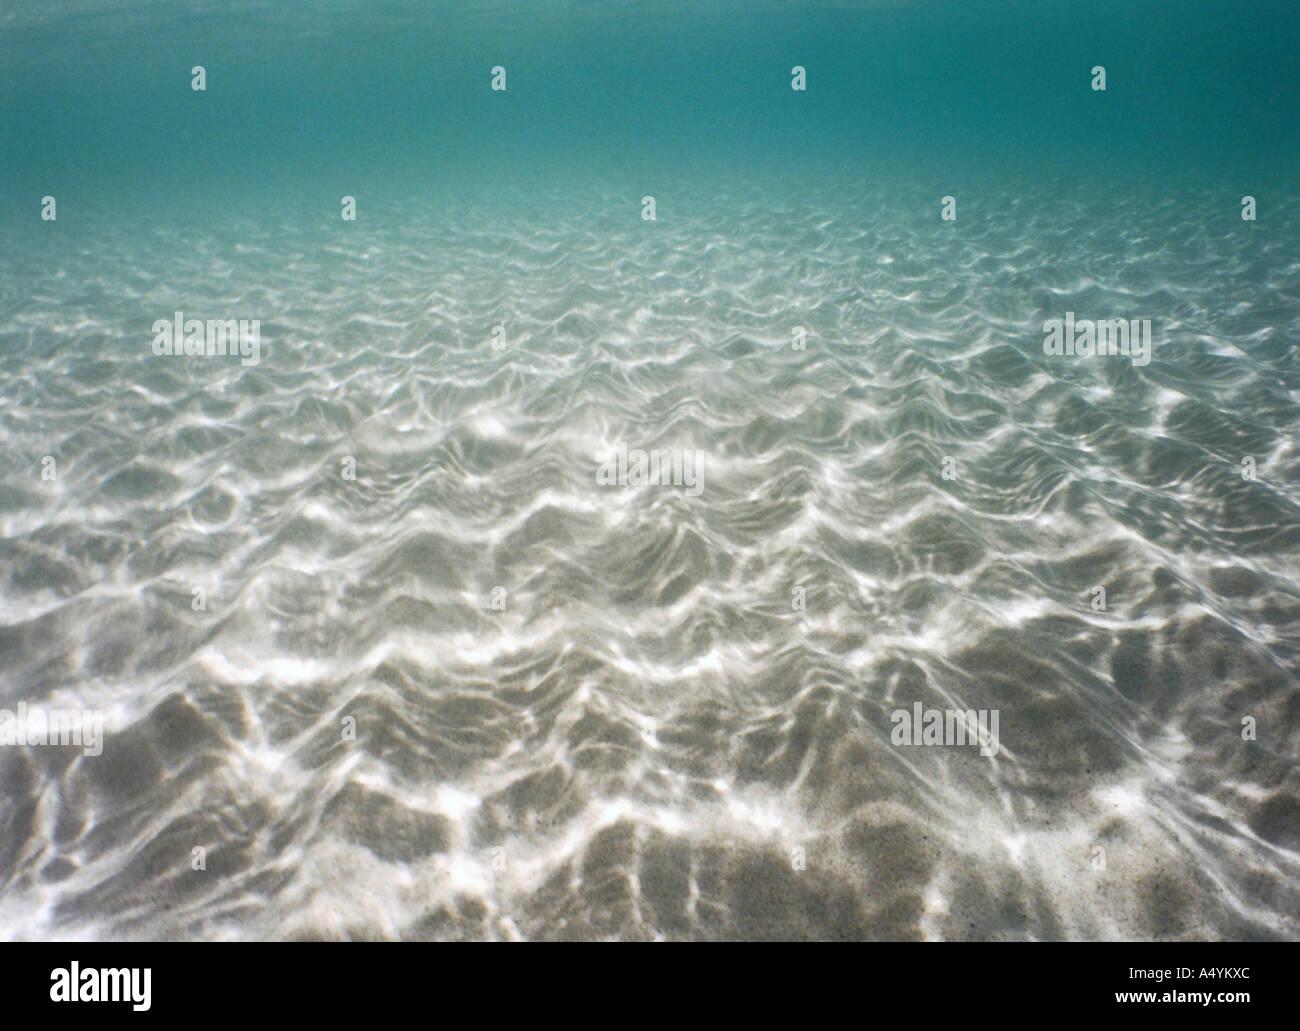 Sott'acqua Immagini Stock